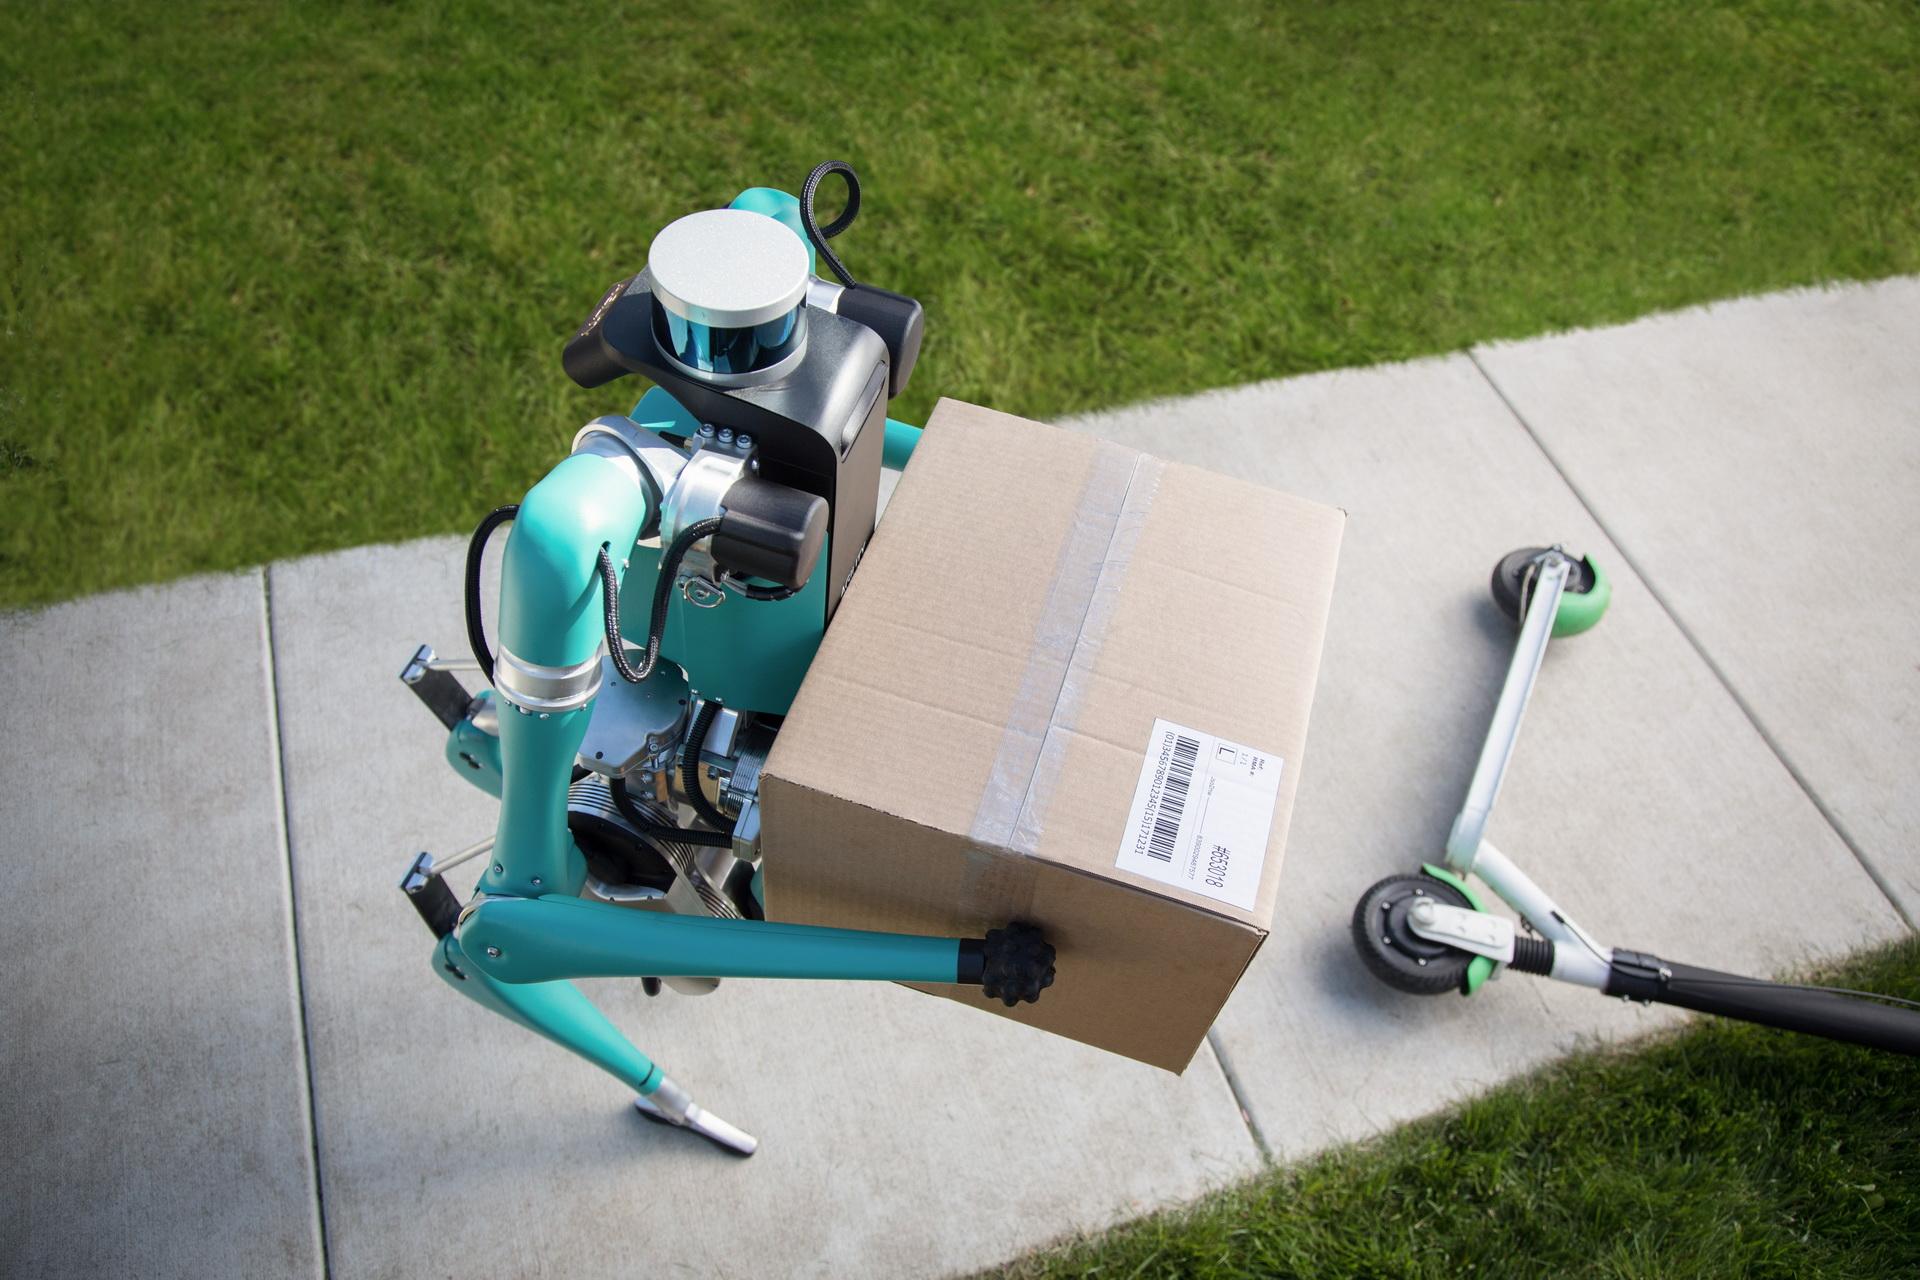 Ford phát triển Digit robot giao hàng tự động đến tận cửa - 4